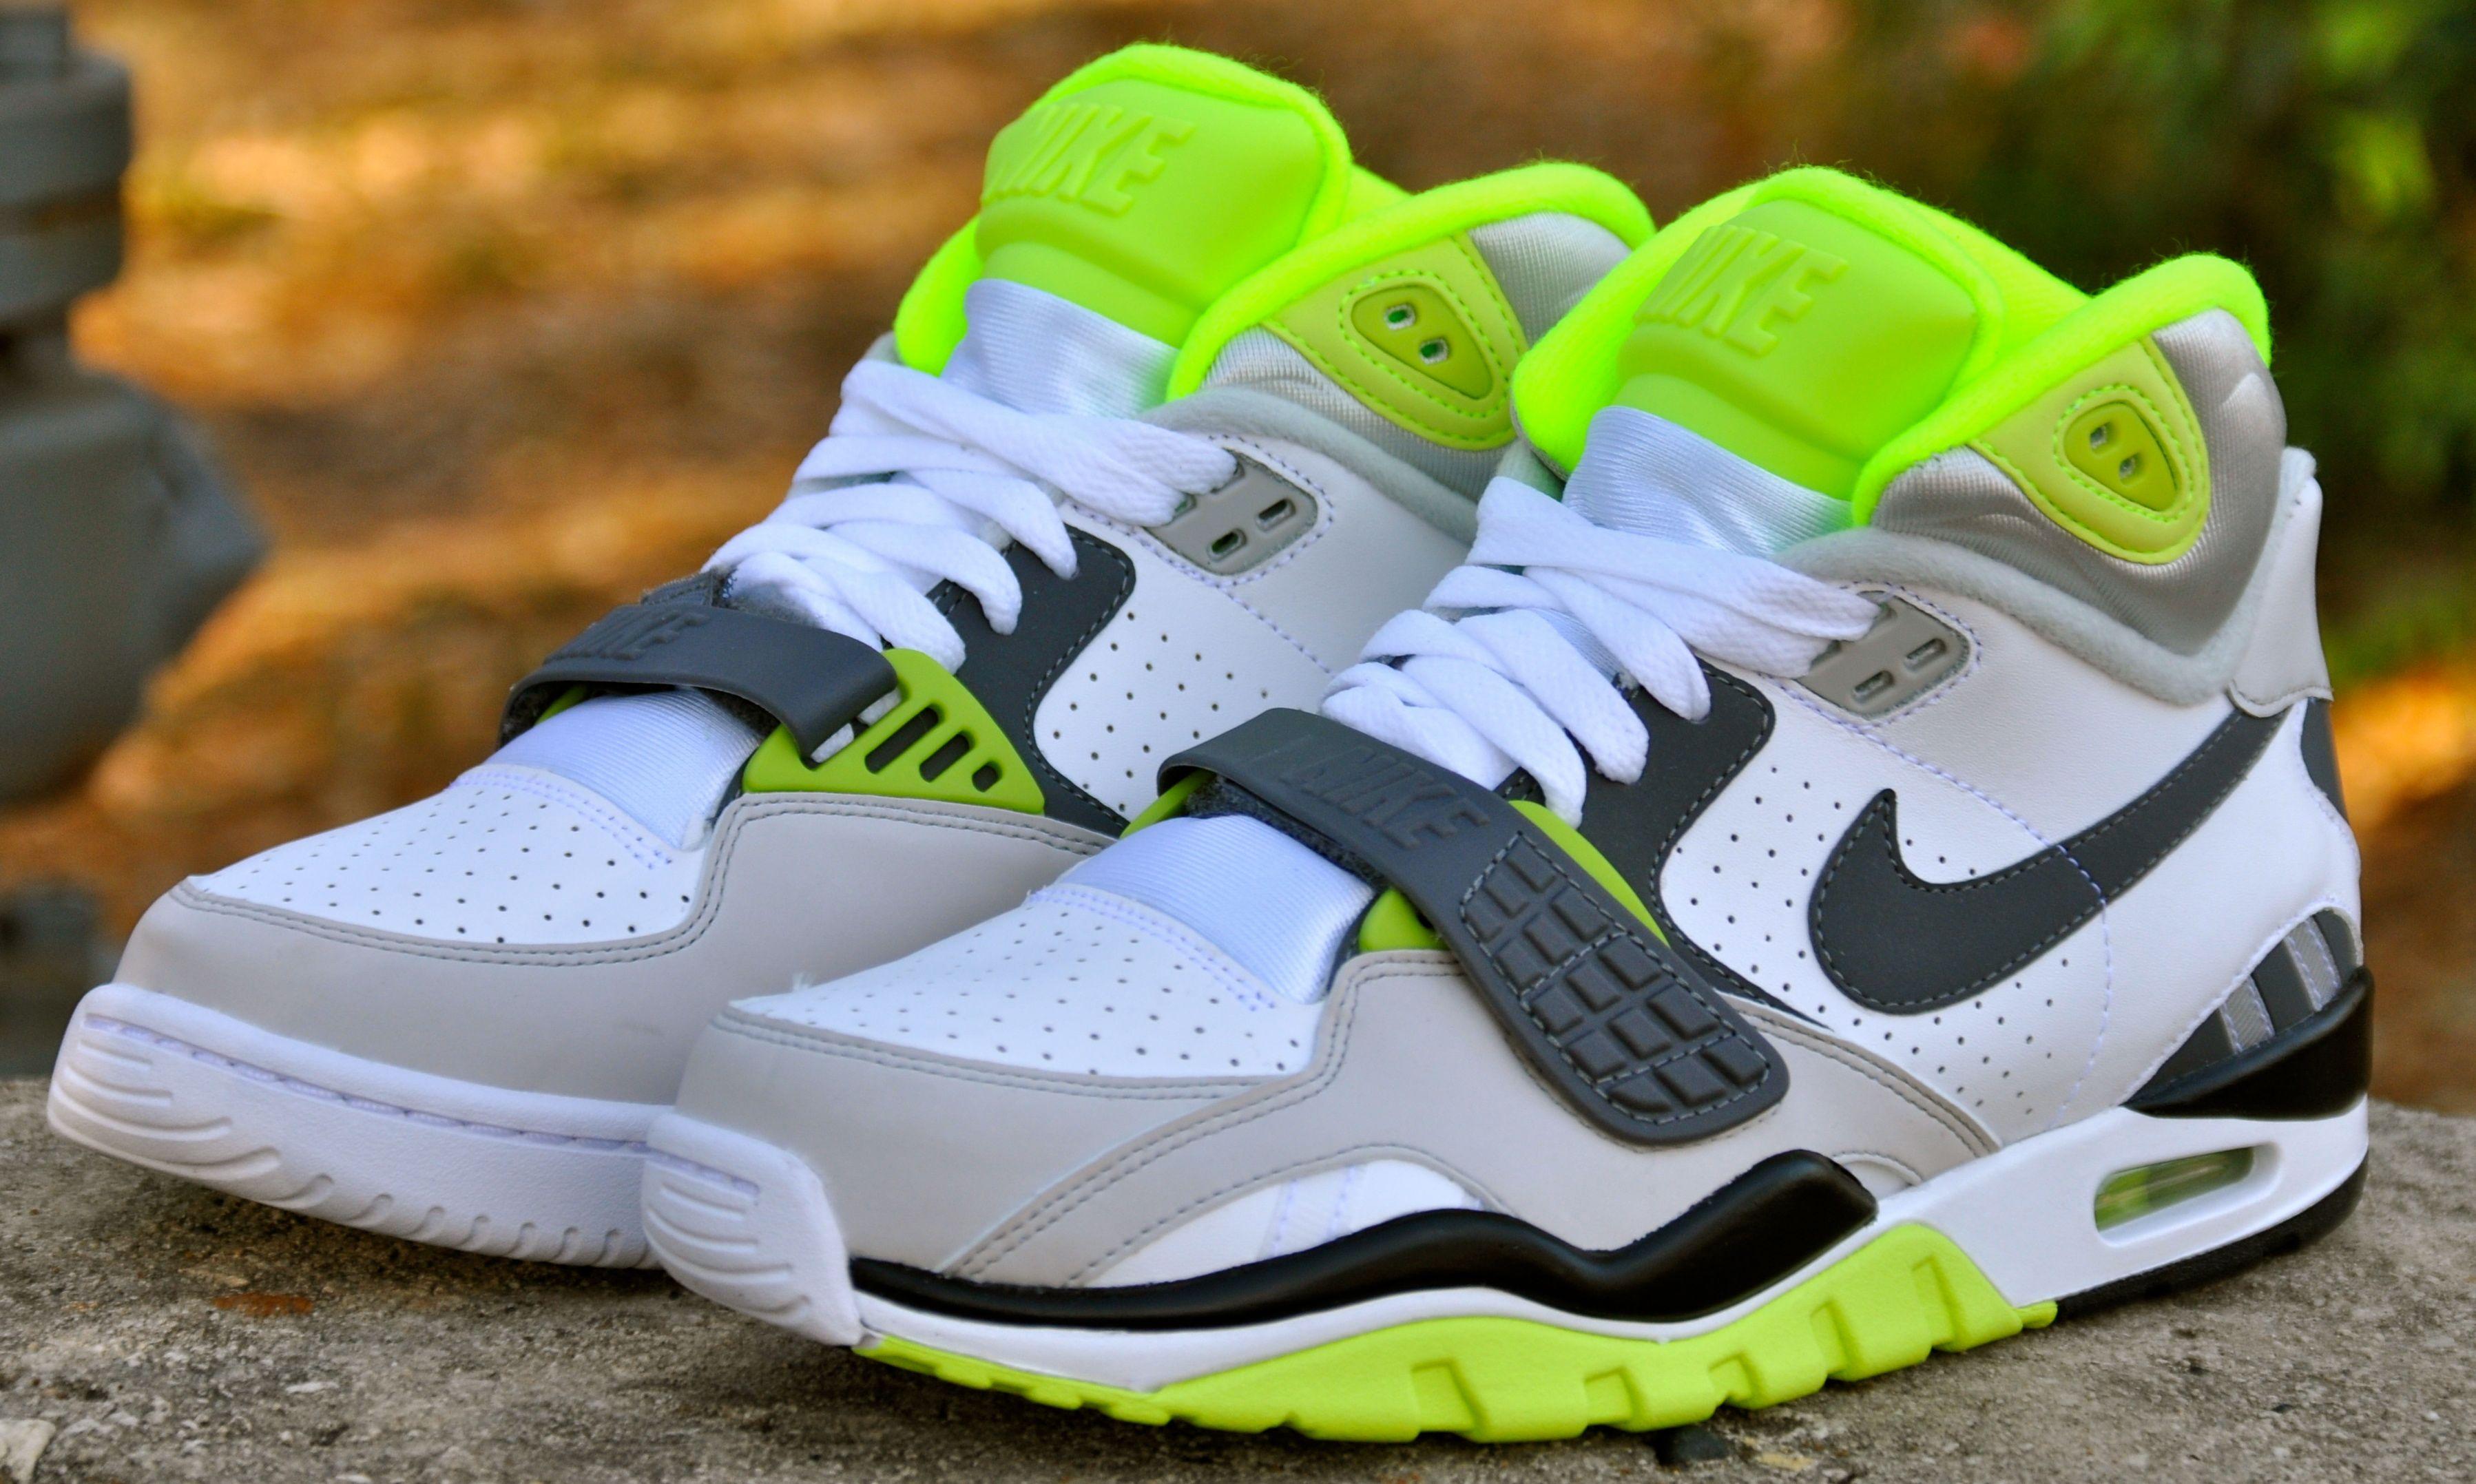 Nike Air Trainer SC II | Nike, Nike air, Air max sneakers